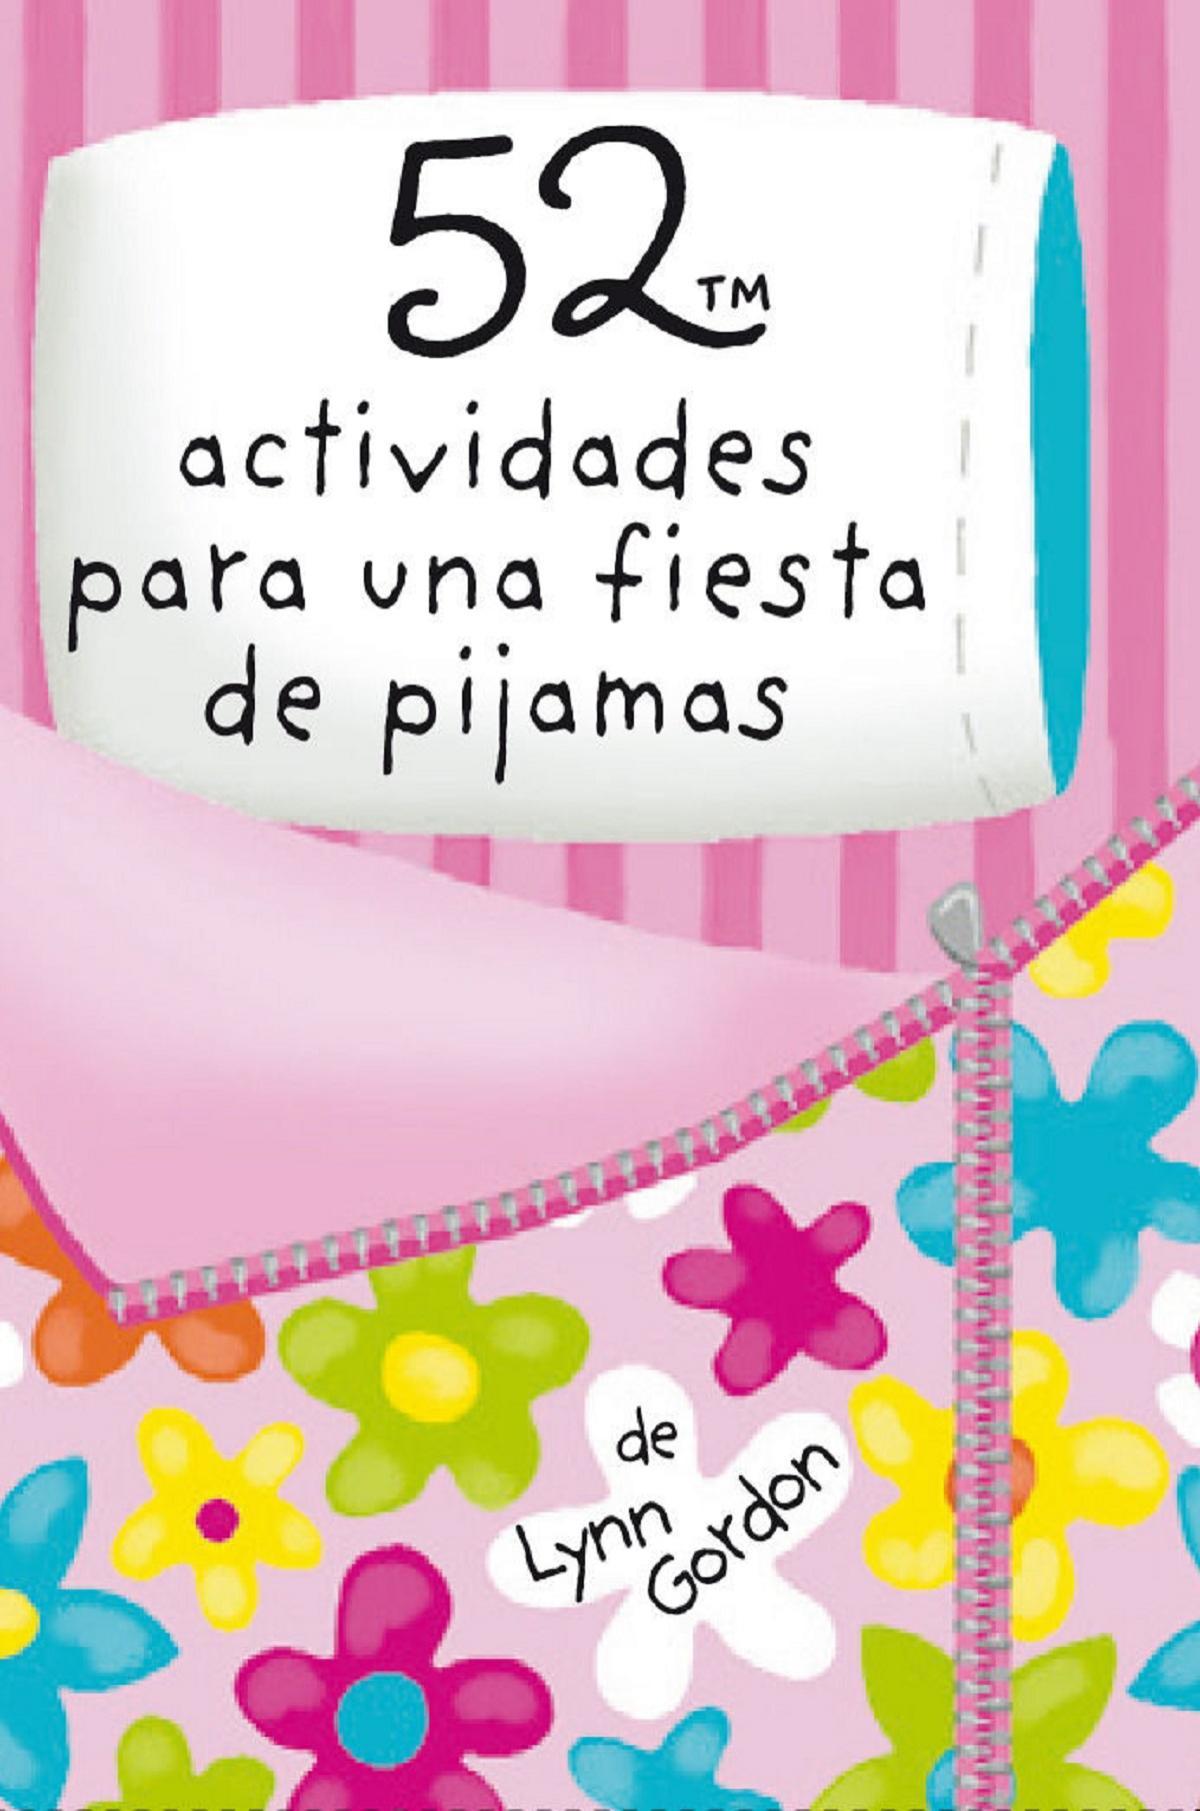 Barjas 52 Actividades para una fiesta de pijamas